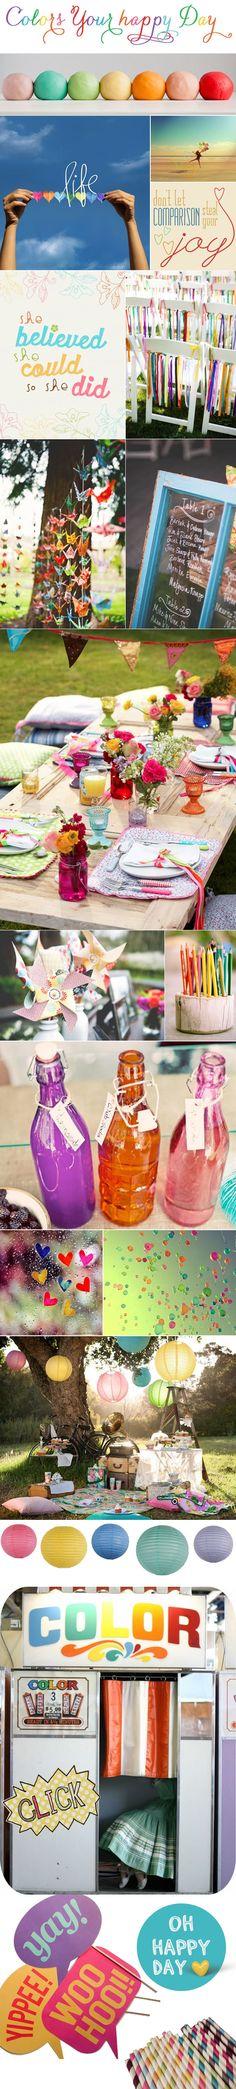 1.Carnet-d-inspiration-Colors-your-happy-Day-le-blog-de-madame-c-déco